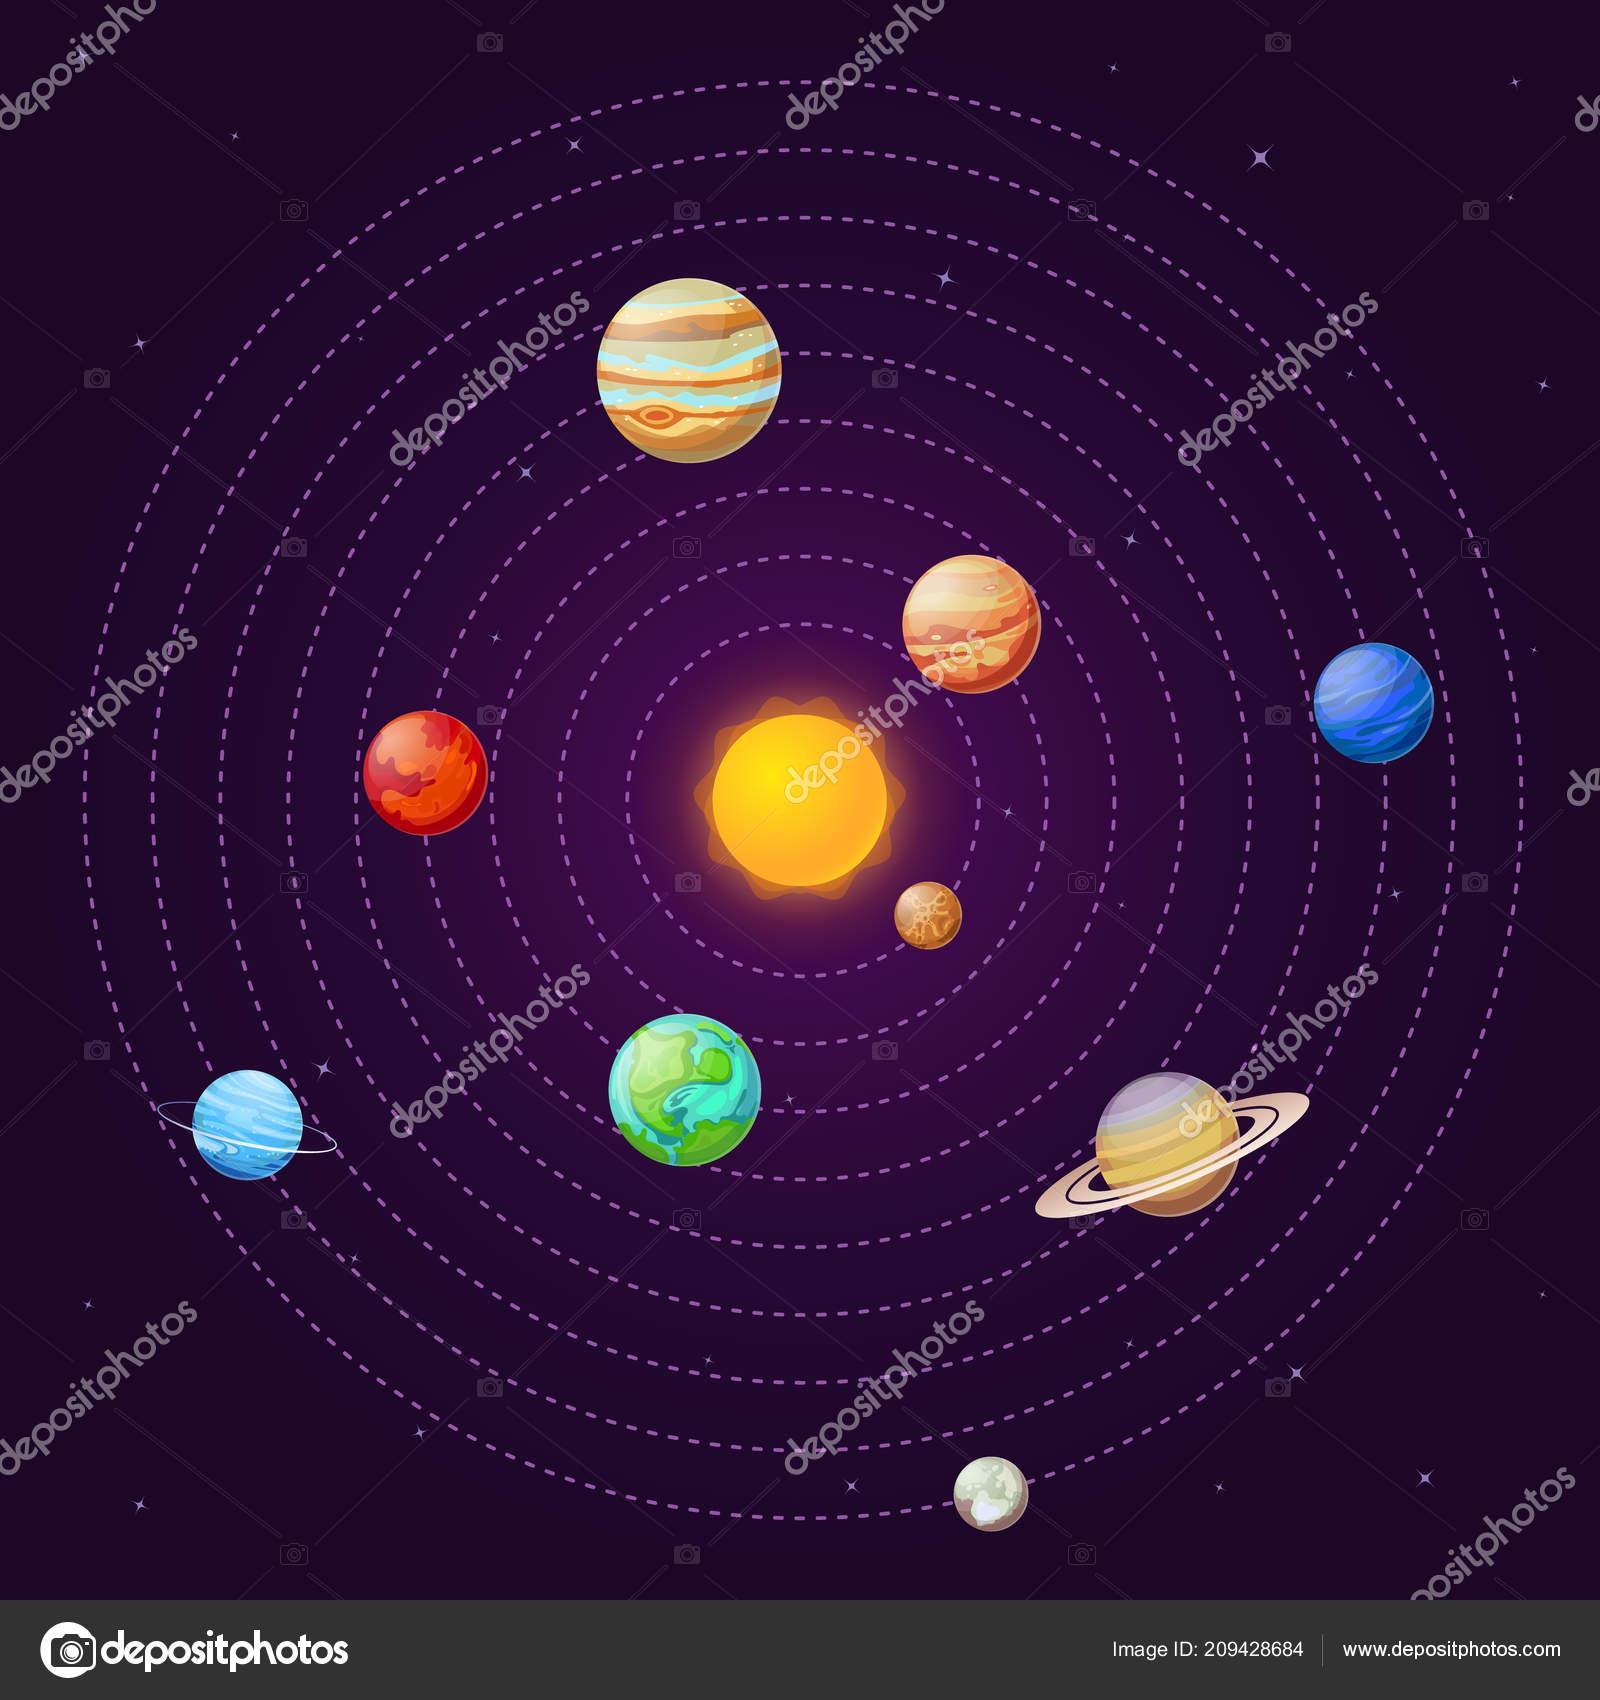 Systeme Solaire Dessin Anime De Soleil Et Des Planetes Sur Le Ciel